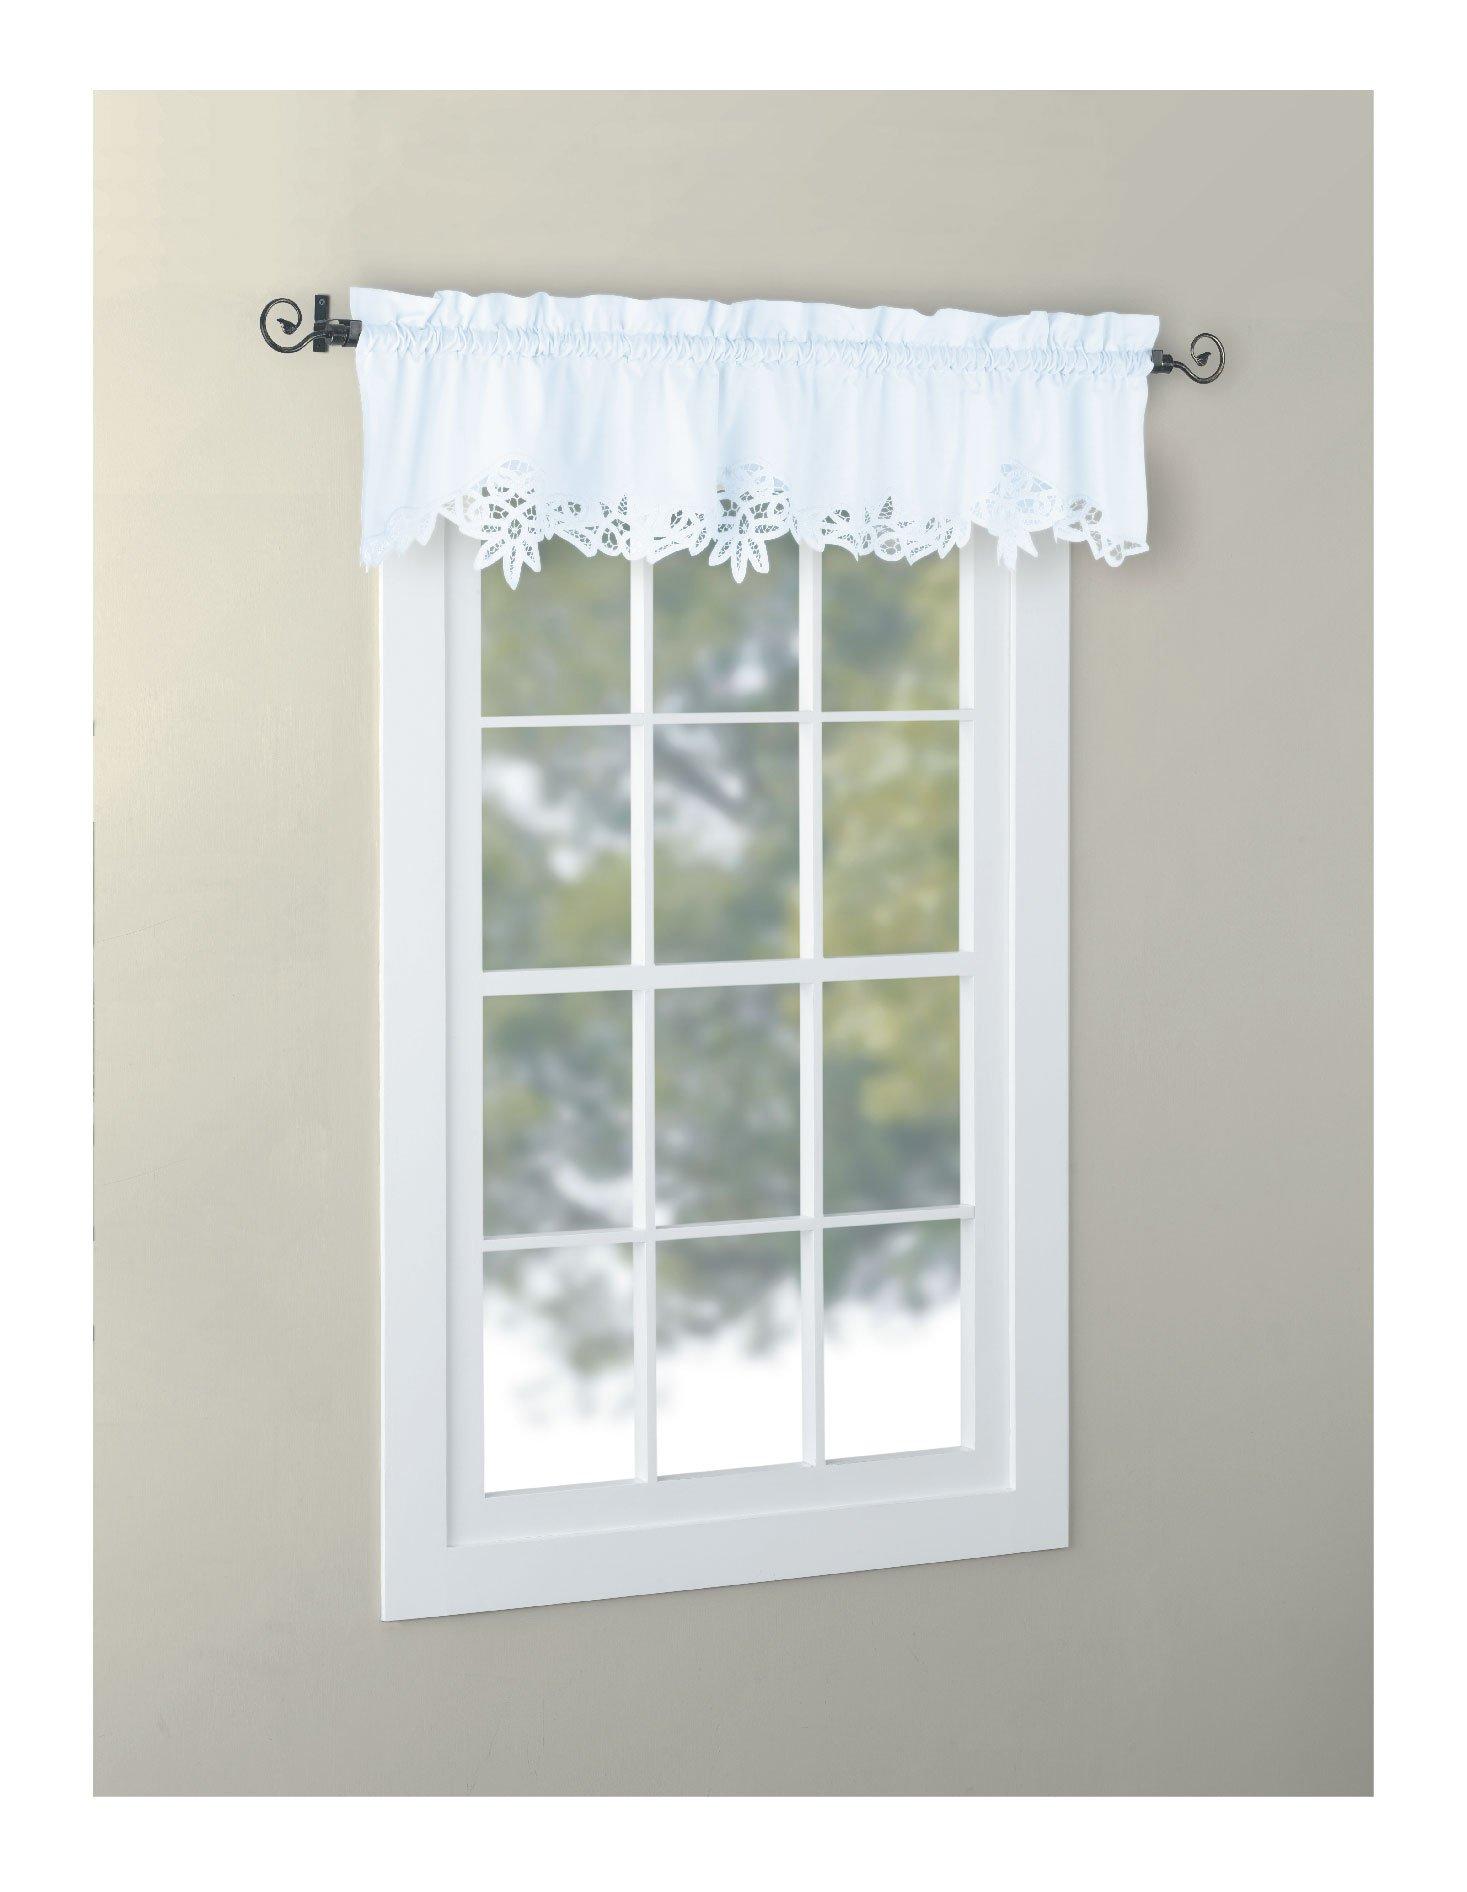 Amazon Com Huierlai Battenburg Lace Kitchen Curtain Valance Swags Tiers White 14 L Home